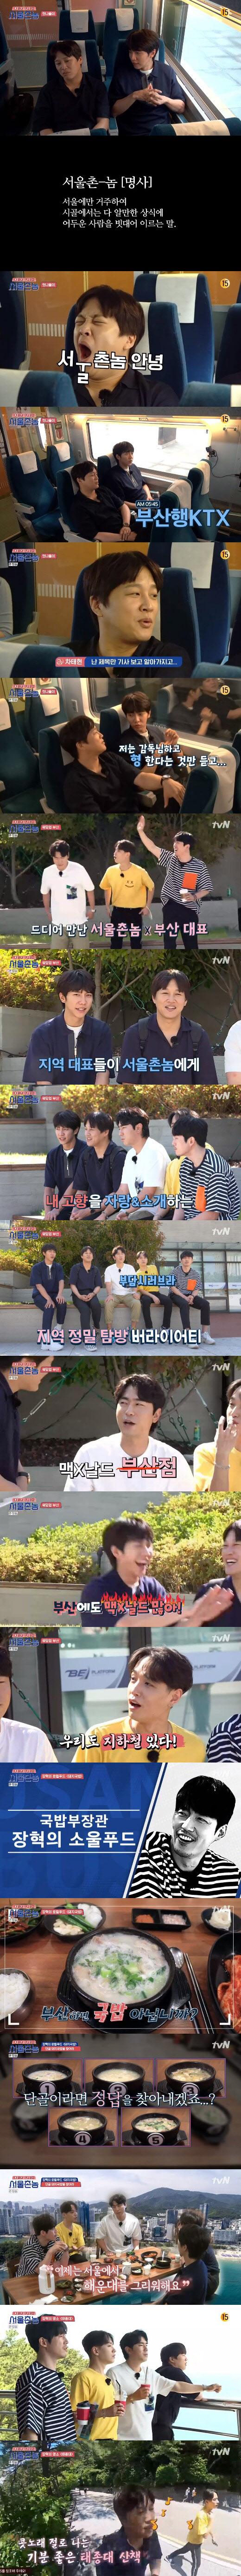 차태현·이승기 '서울촌놈' 첫방…장혁·이시언·쌈디가 전한 부산의 추억[종합]